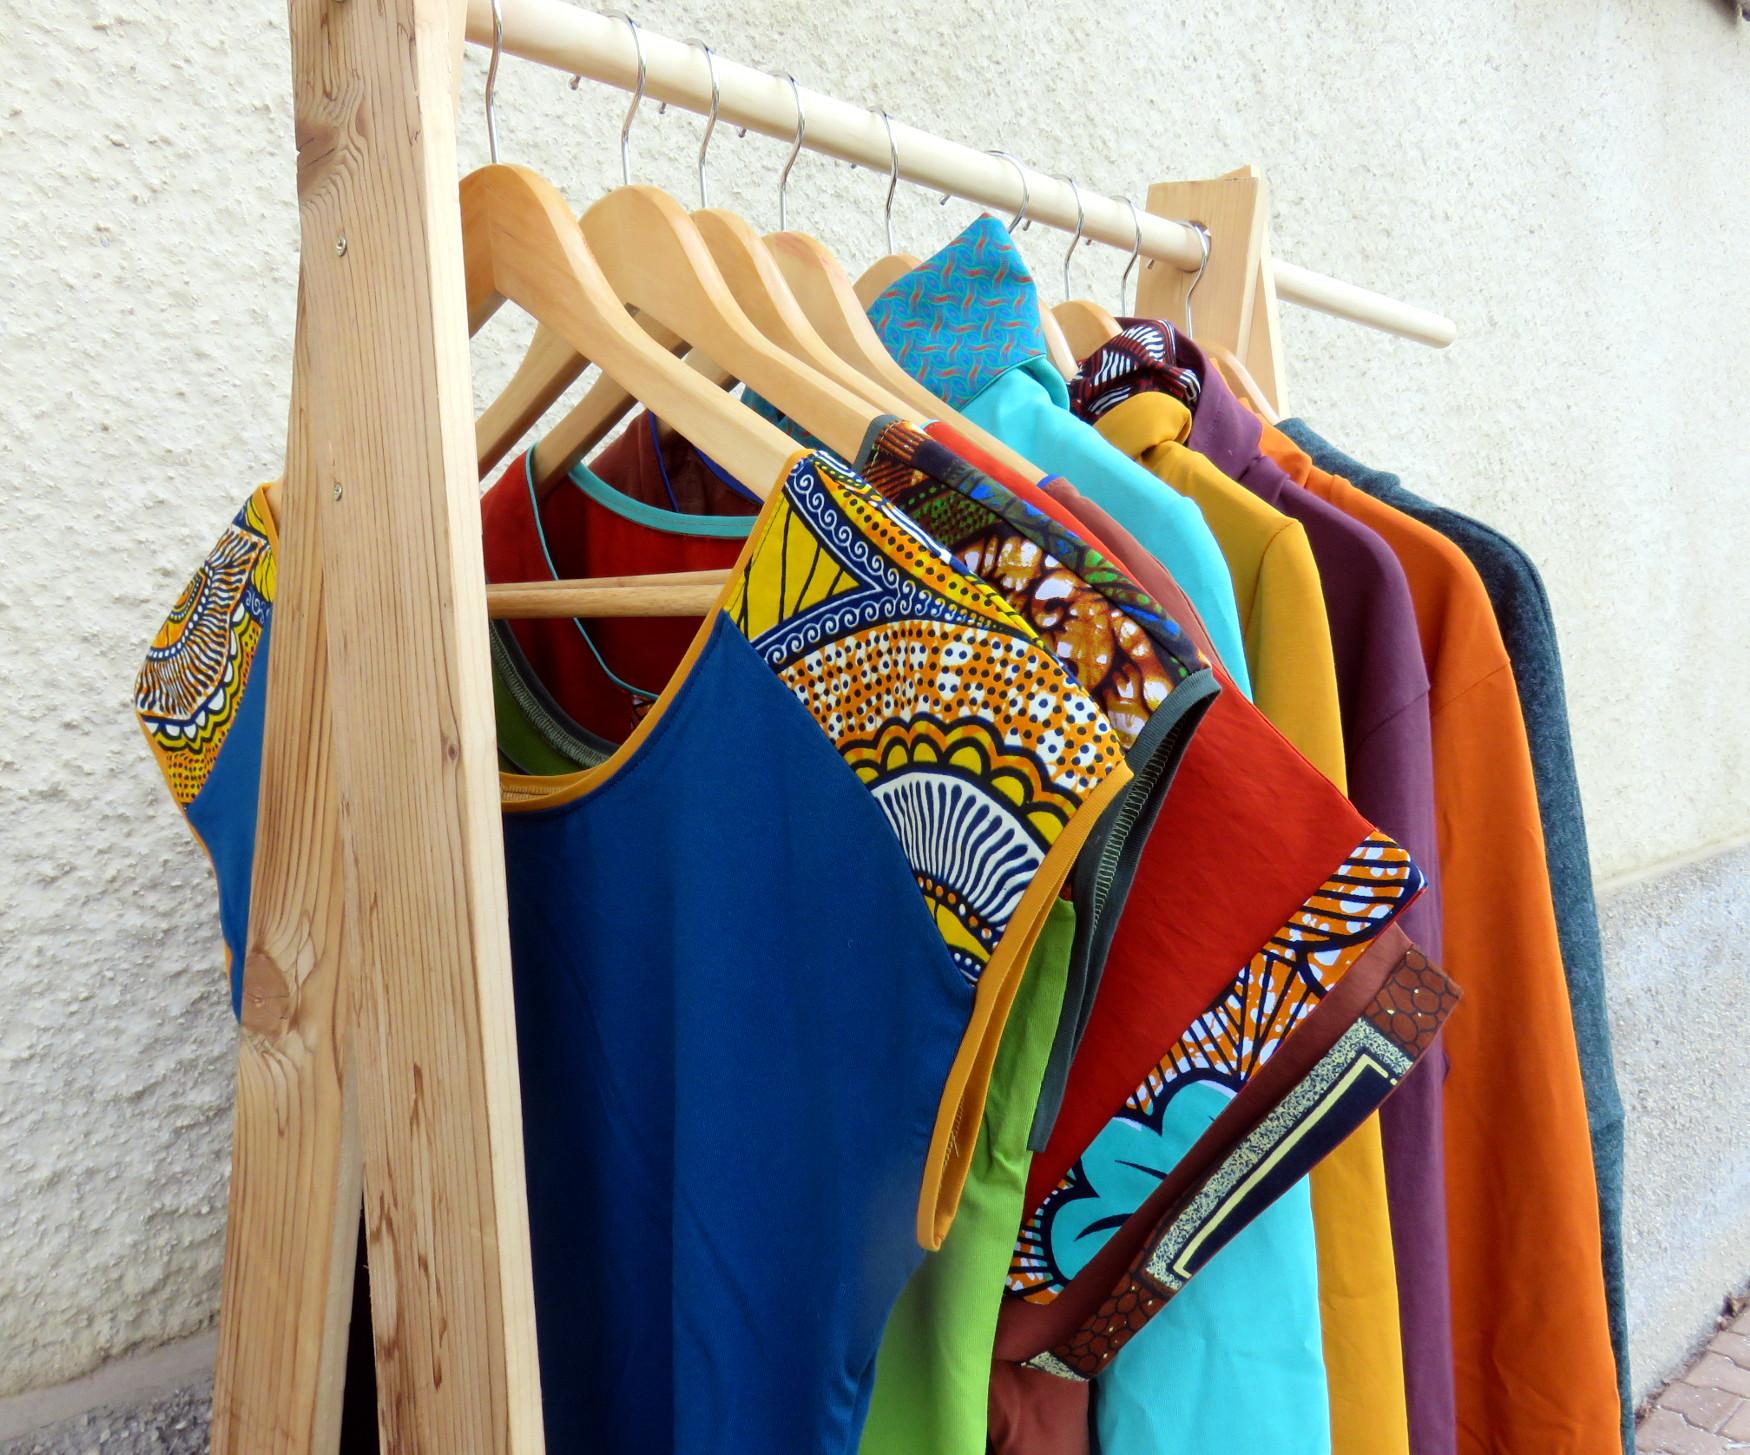 vêtements streetwear ethnique fait main original créateur made in france wax batik coloré unique